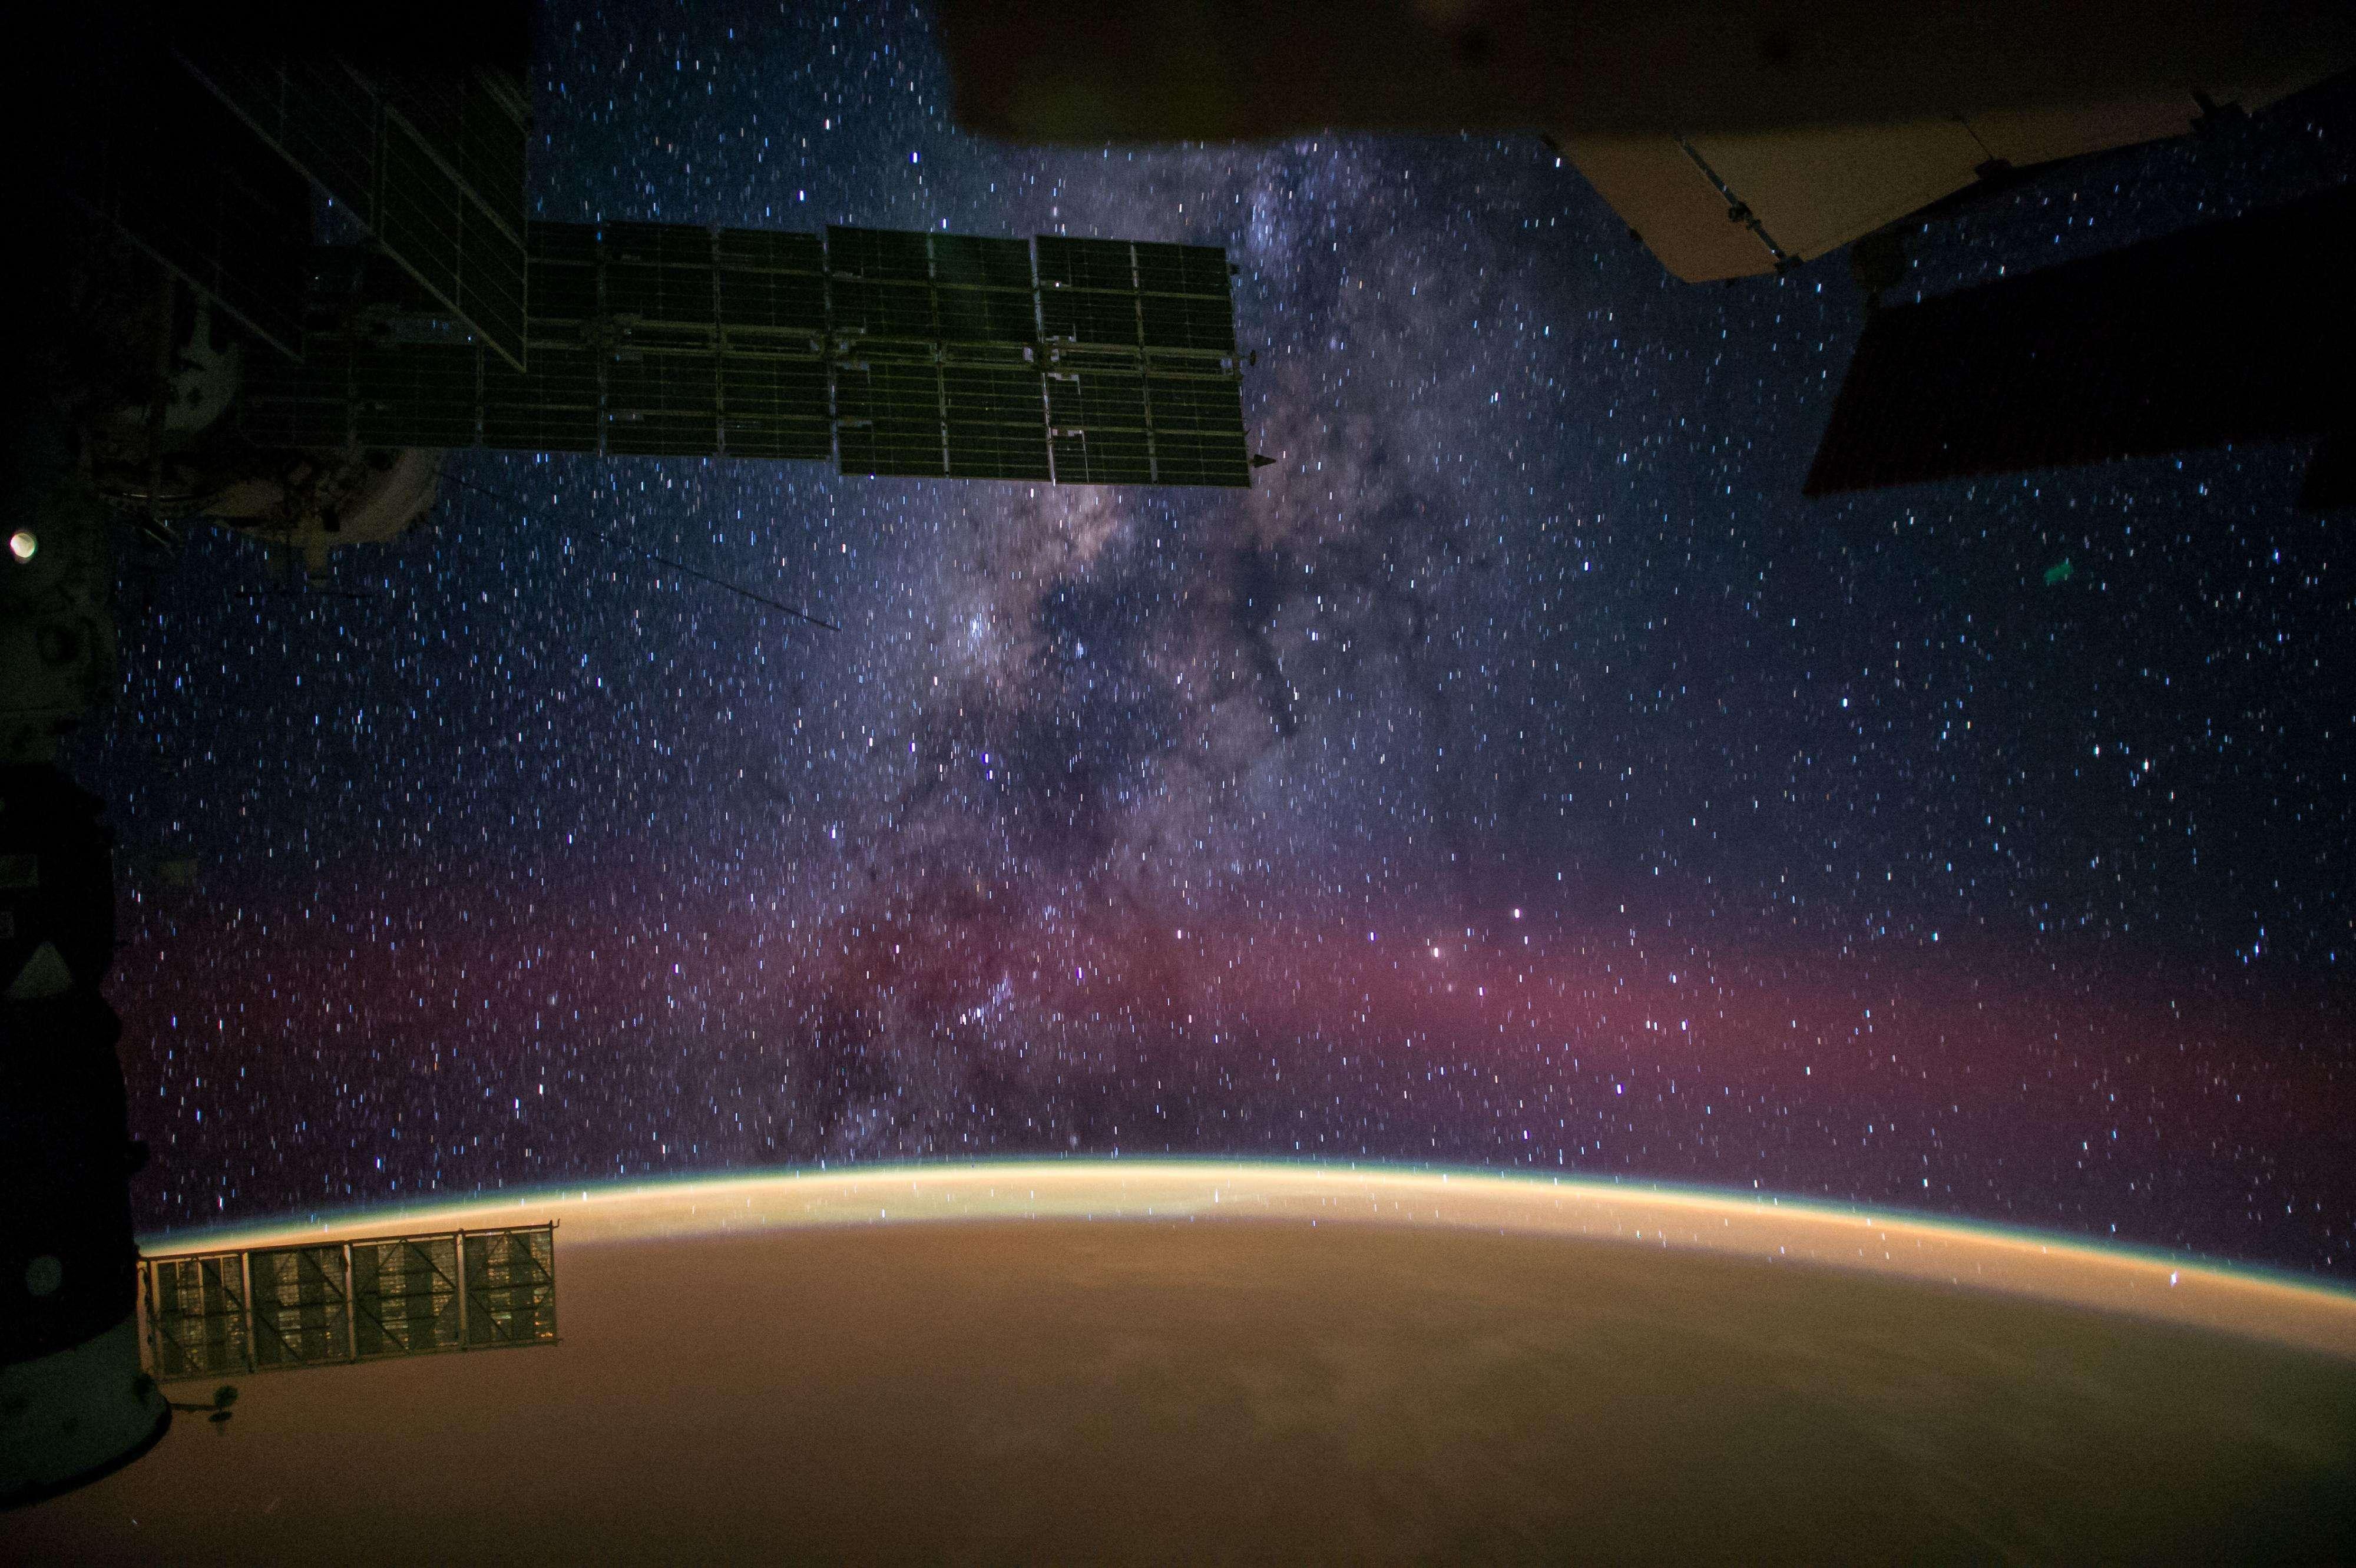 El 1 de octubre la NASA publicó una fotografía donde se ve cómo la Vía Láctea le roba protagonismo al espectáculo las arenas del Sahara que dan a la Tierra de un resplandor naranja. Foto: NASA/Reid Wiseman